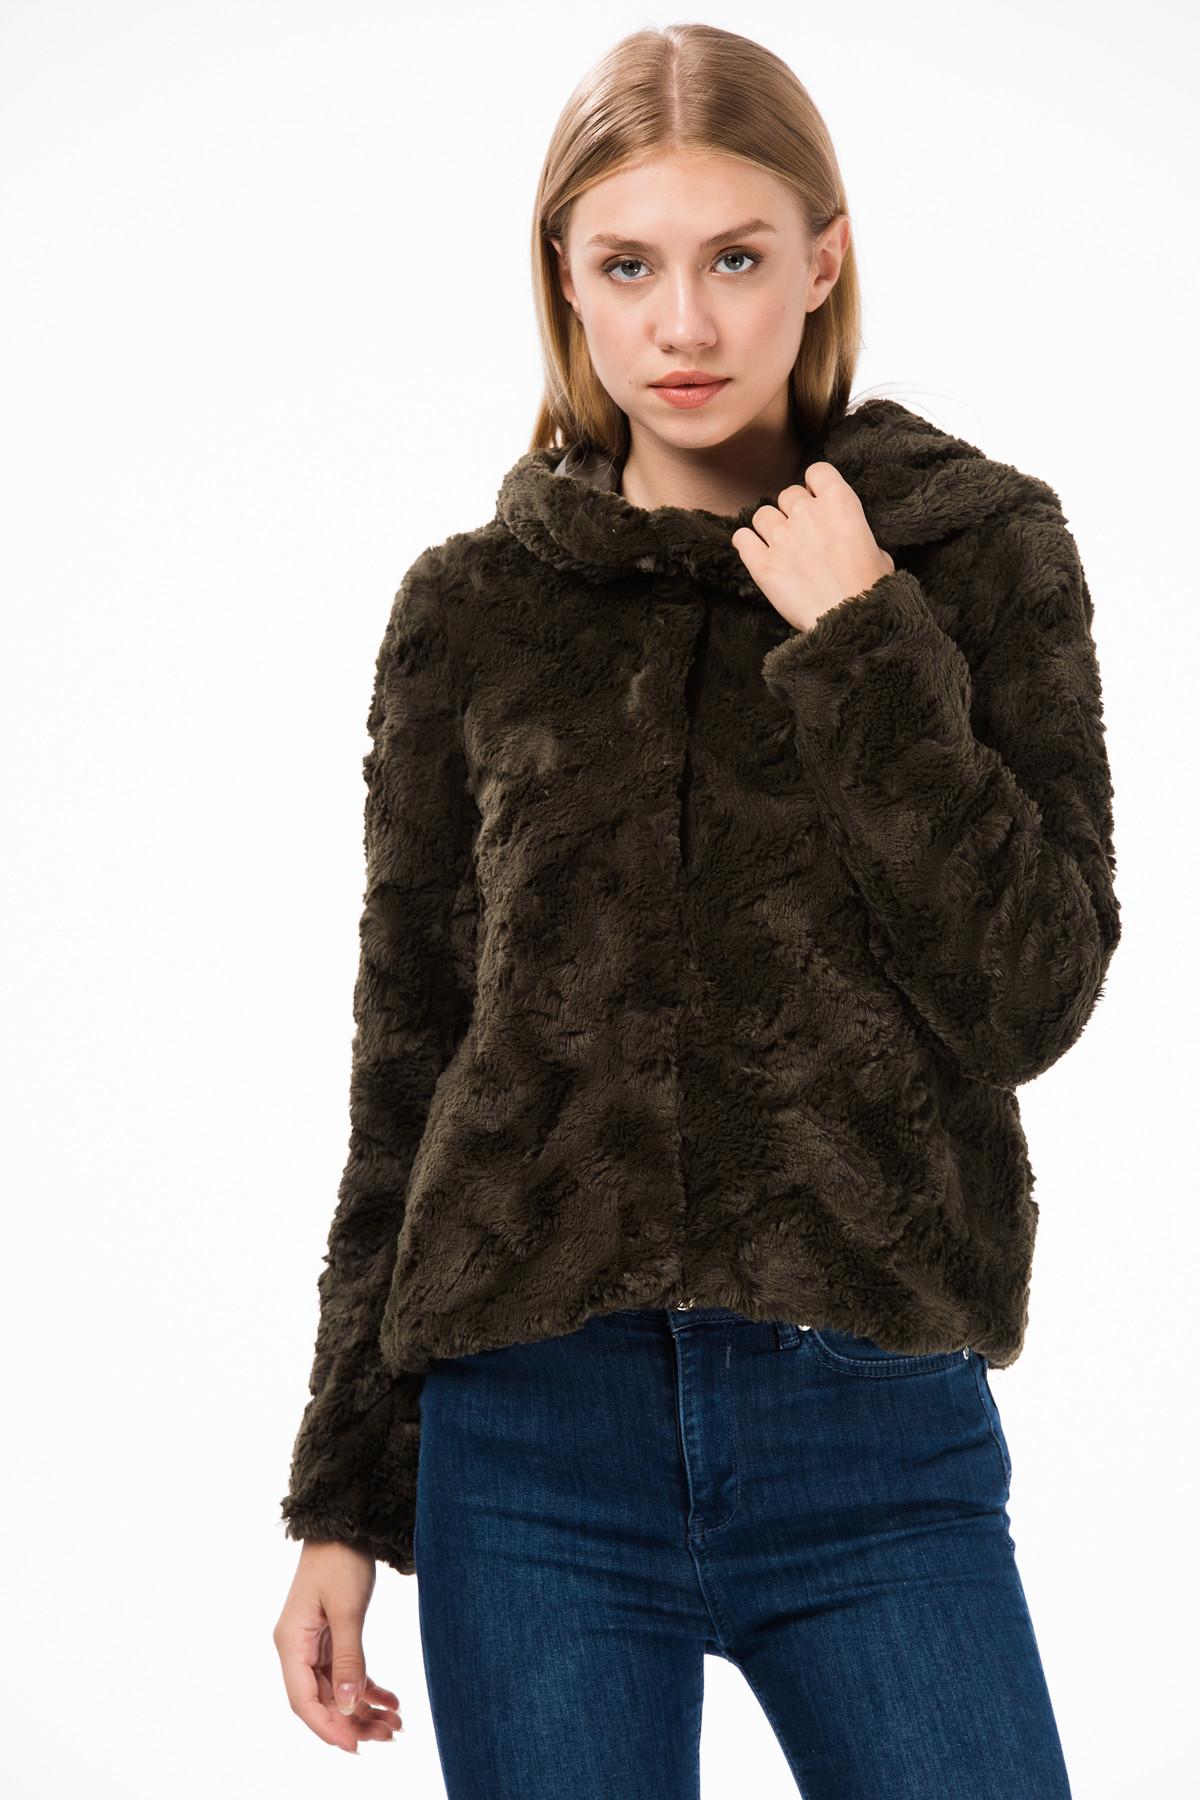 Vero Moda Kadın Haki Kapüşonlu Kısa Suni Kürk 10198760 VMCURL 10198760 1